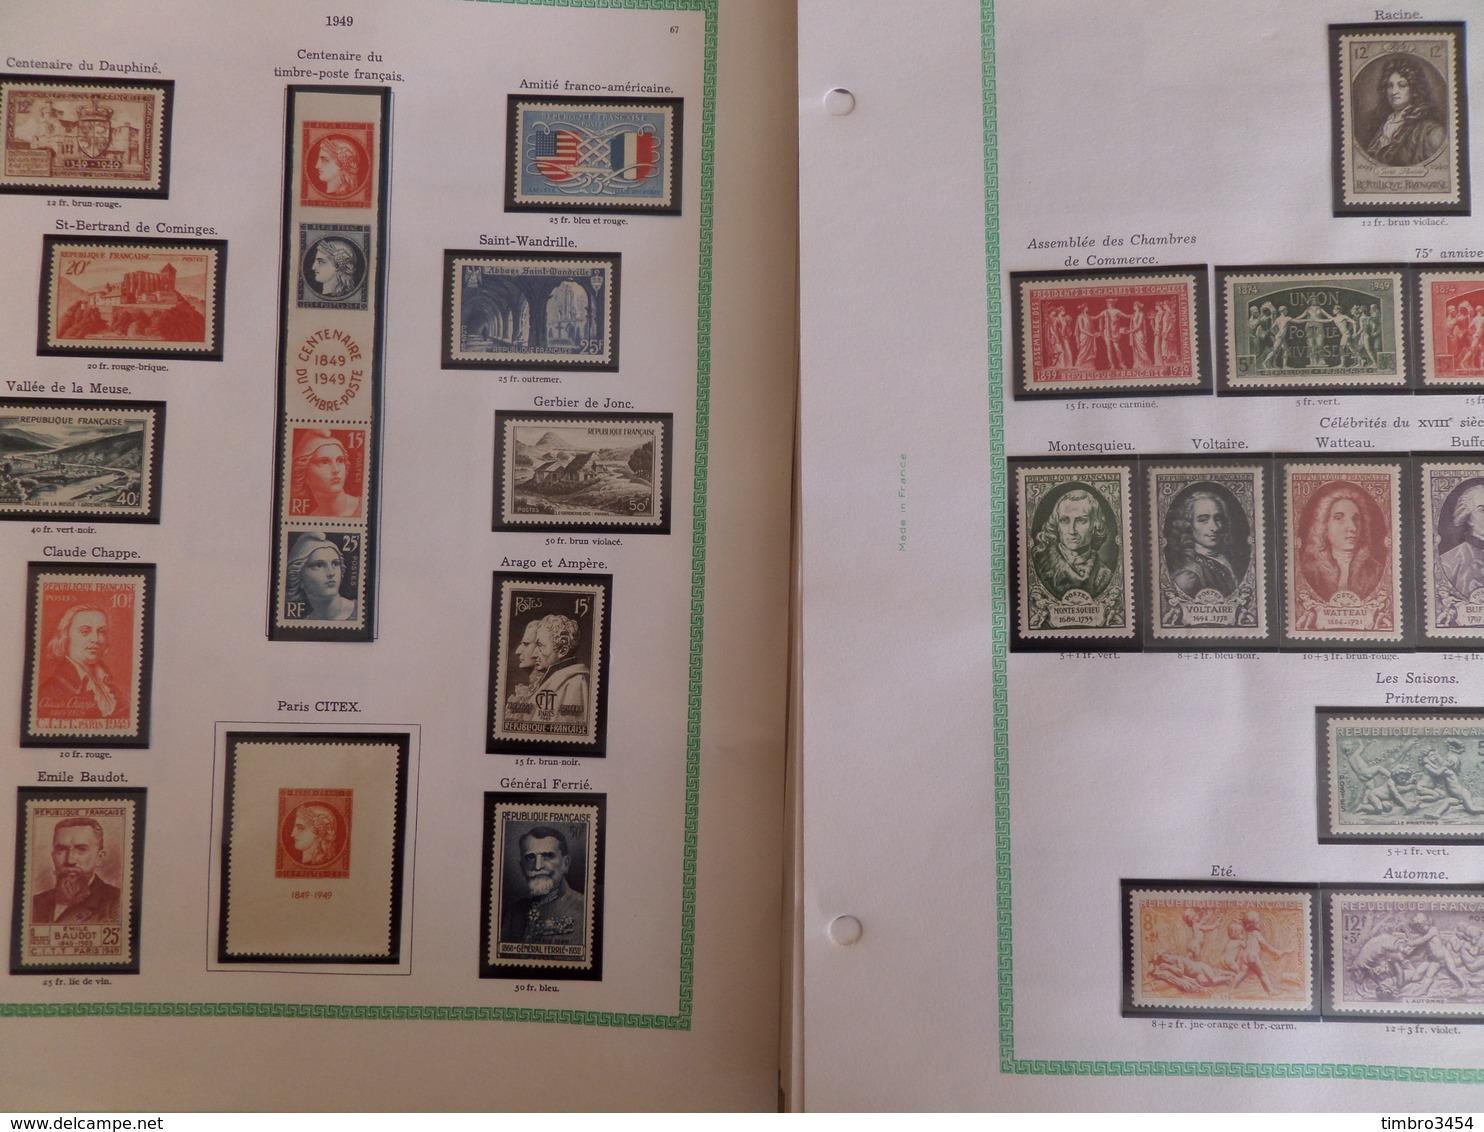 France Très Belle Collection Complète Neufs ** MNH 1942/1969. Forte Cote, Superbe Qualité. A Saisir! - France